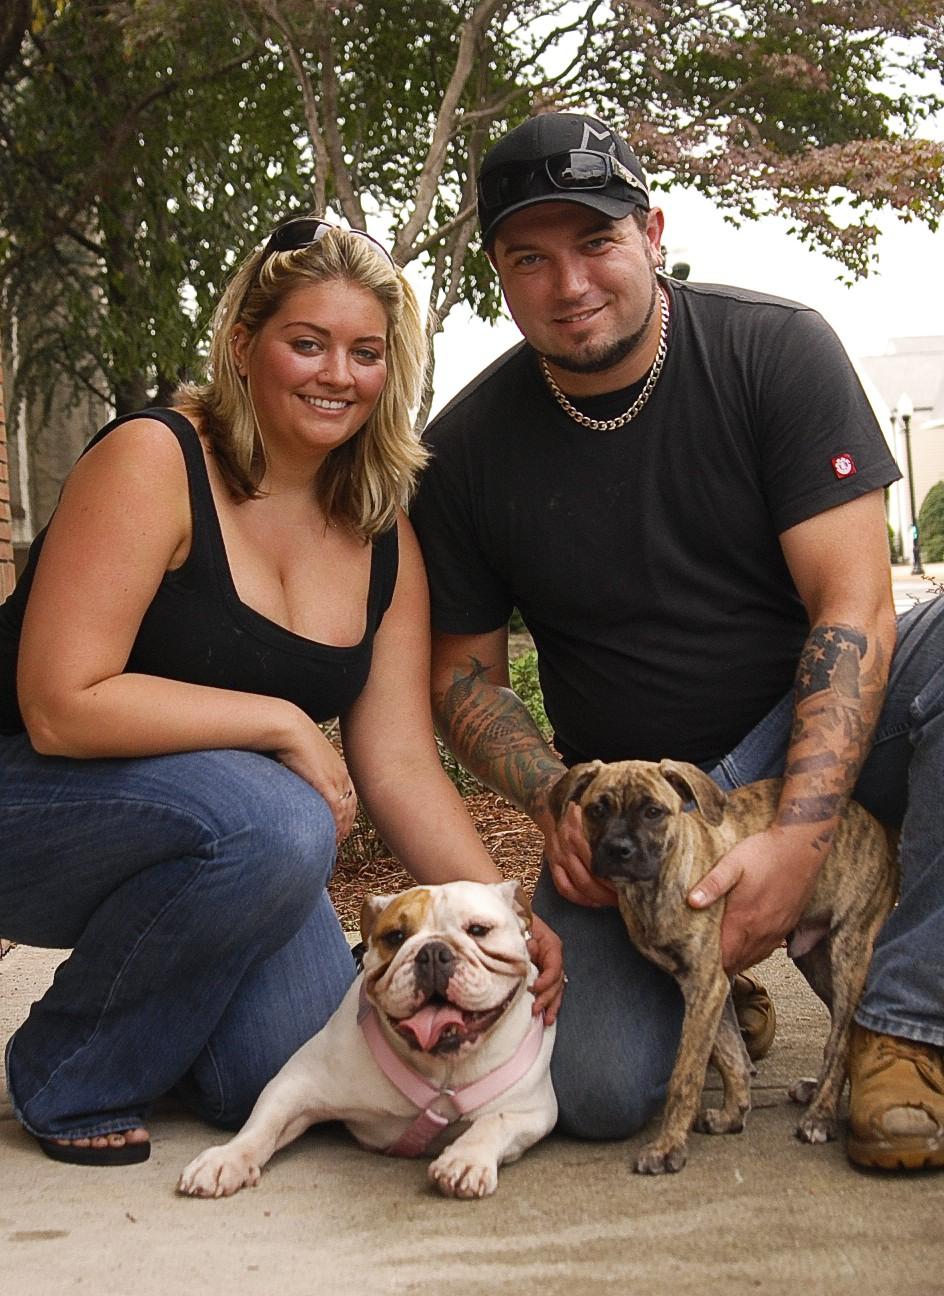 Adopt_A_Pet_9-25-11-0035.jpg